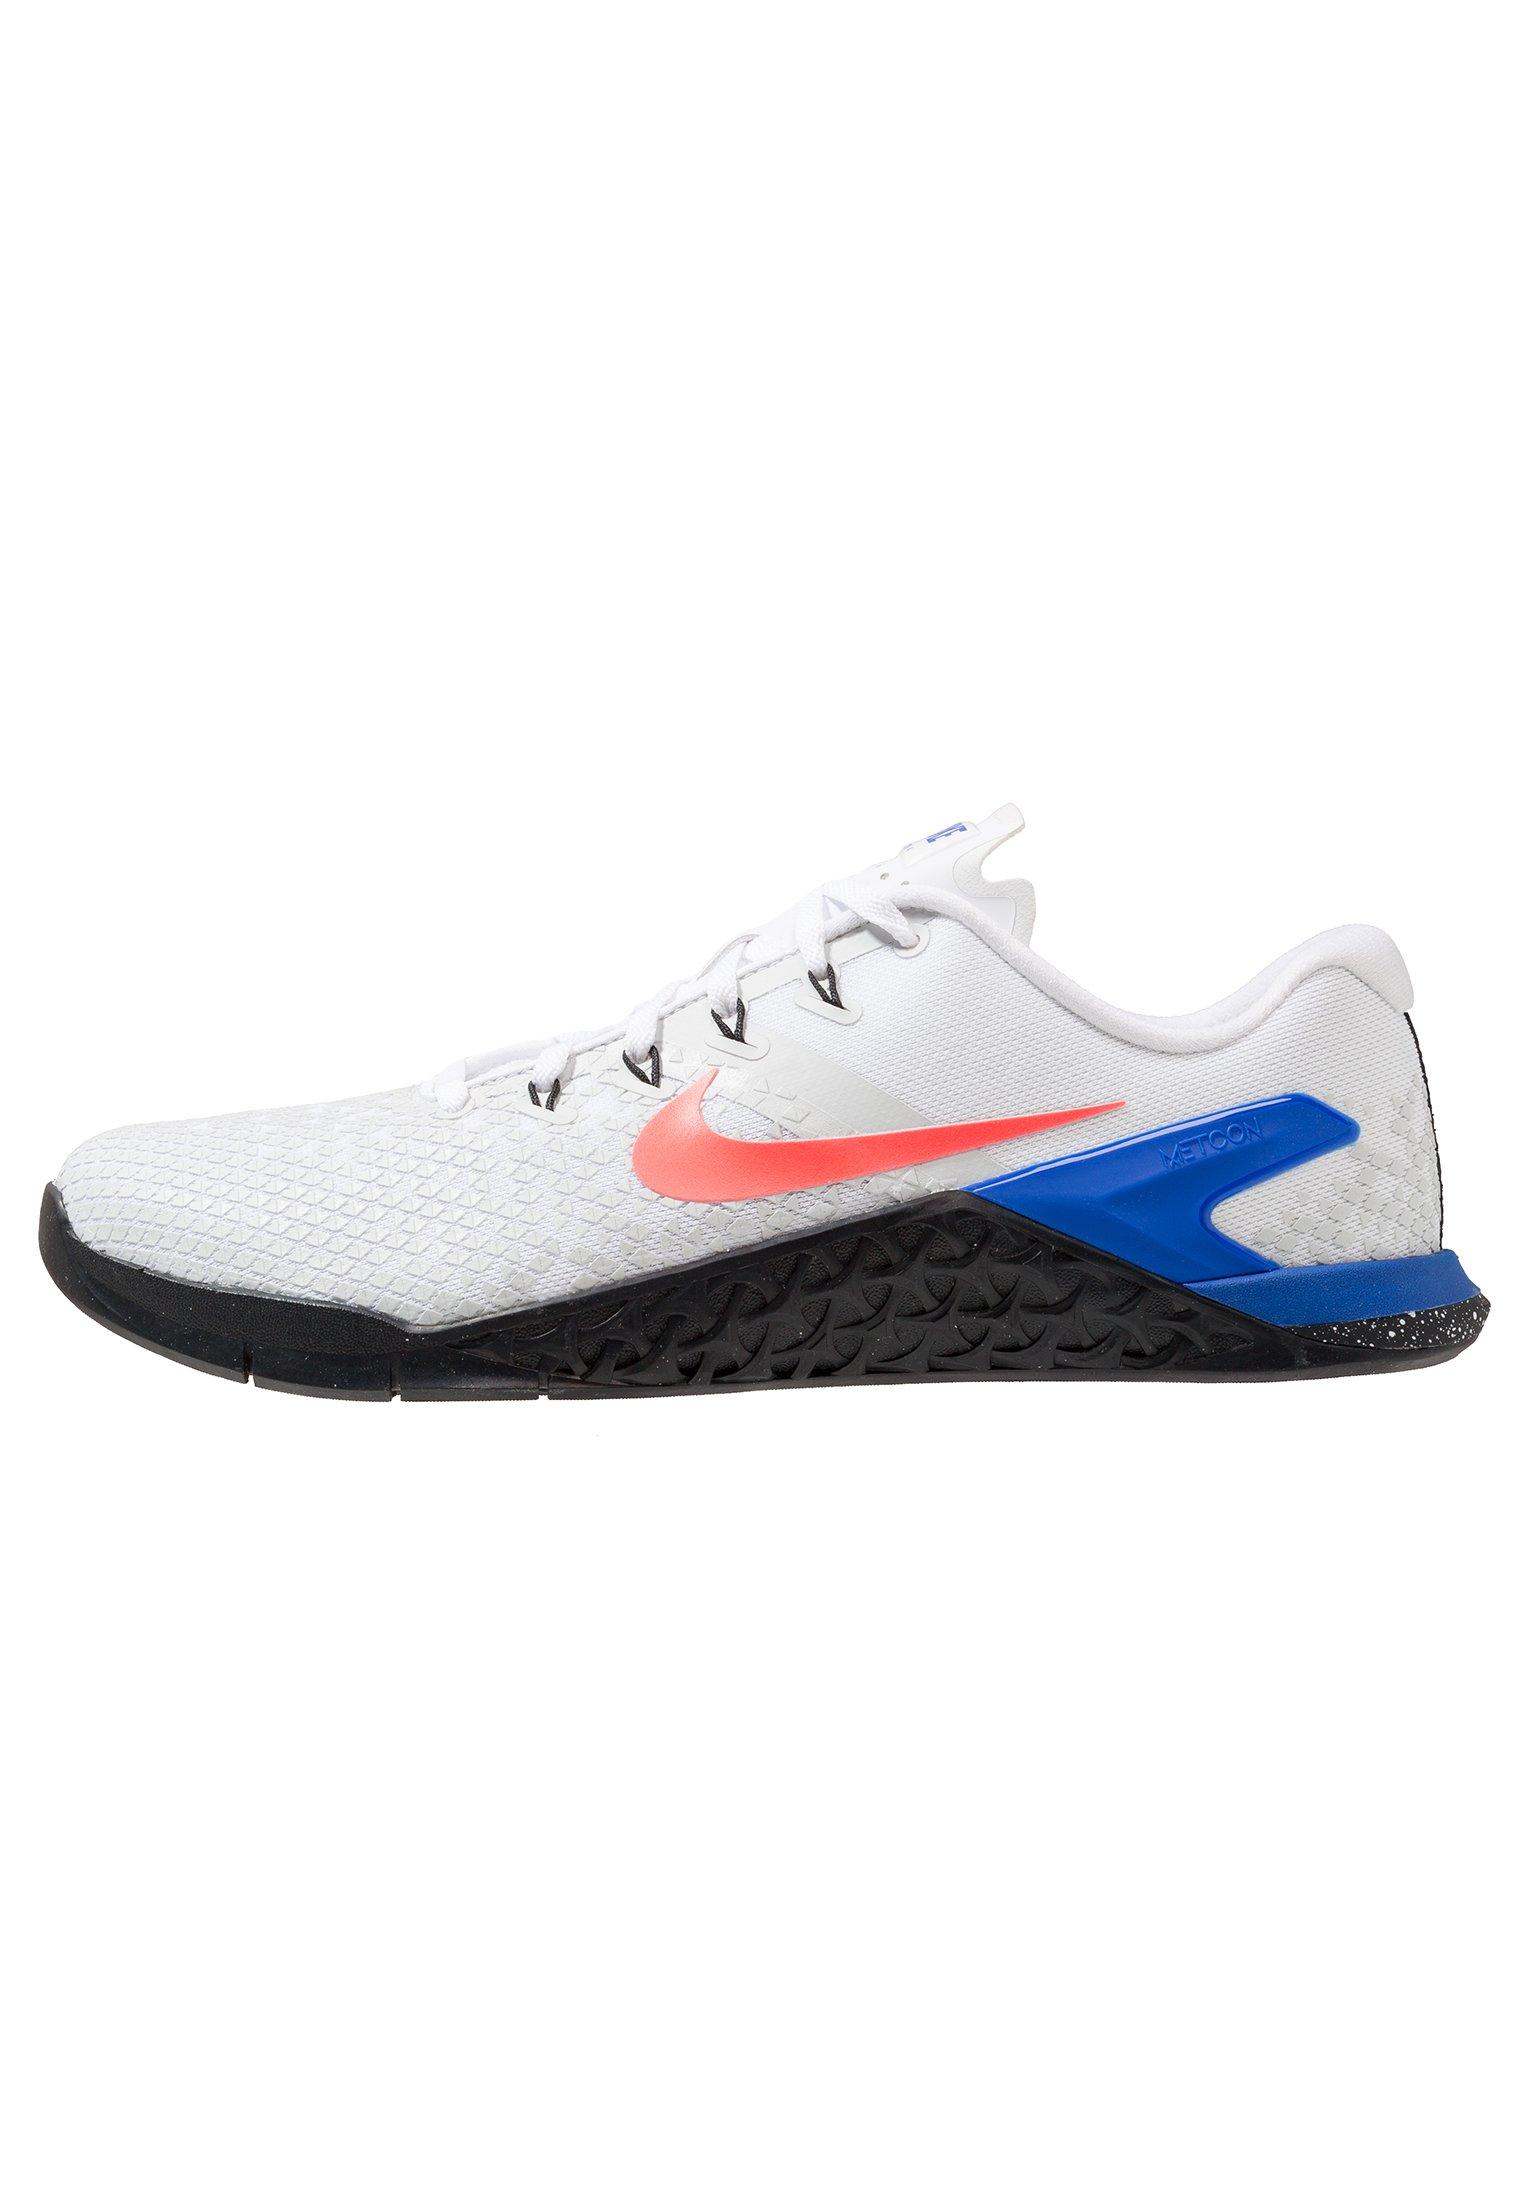 METCON 4 XD Chaussures d'entraînement et de fitness whiteflash crimsonracer blueblack